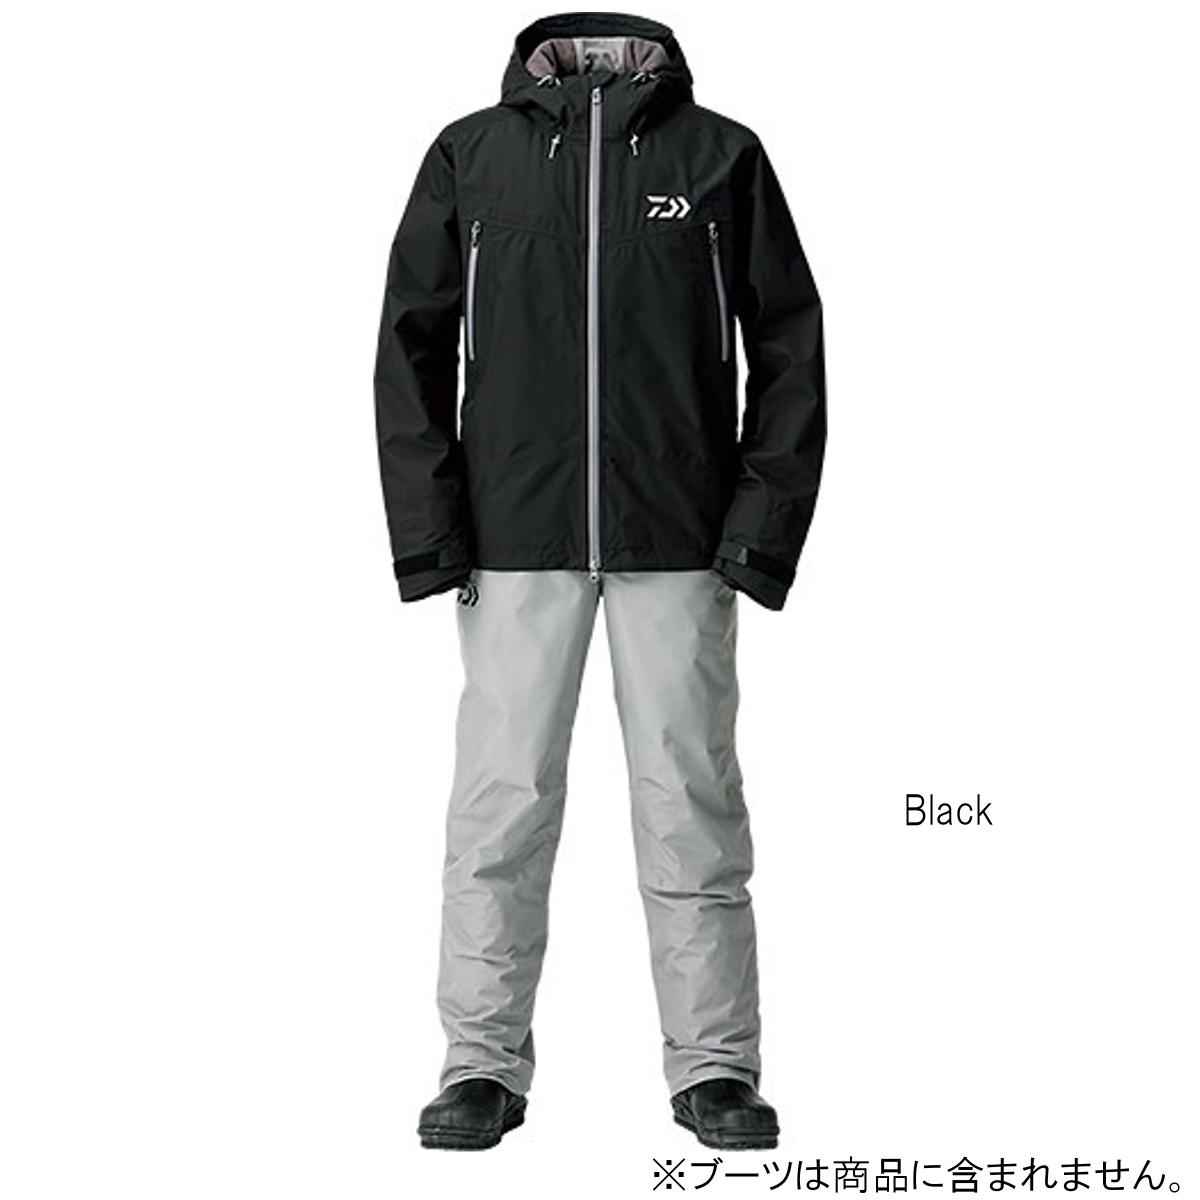 ダイワ ゴアテックス ファブリクス ウィンタースーツ DW-1908 M Black(東日本店)